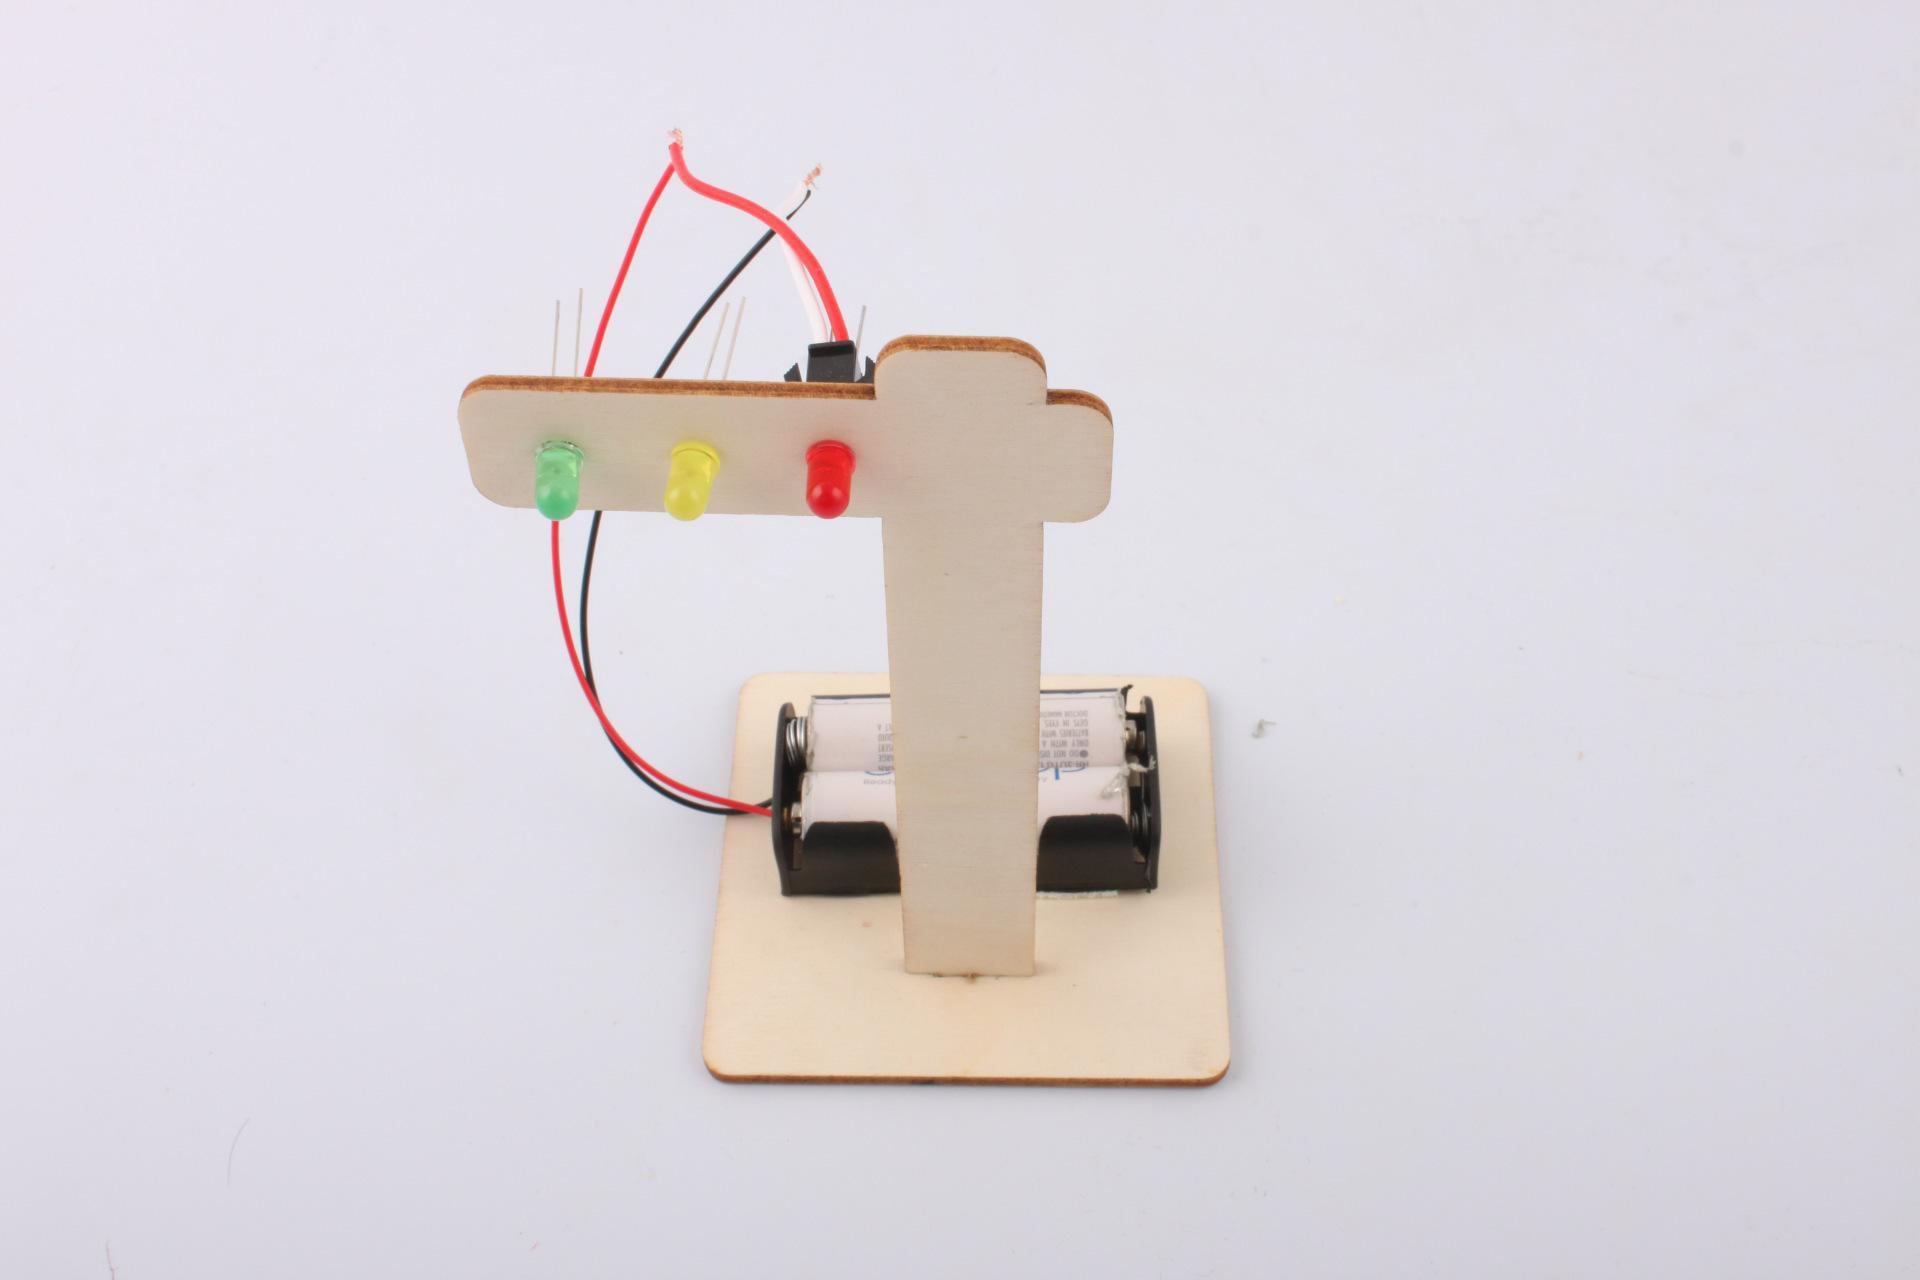 儿童科技手工怎么做 儿童科技手工制作教程